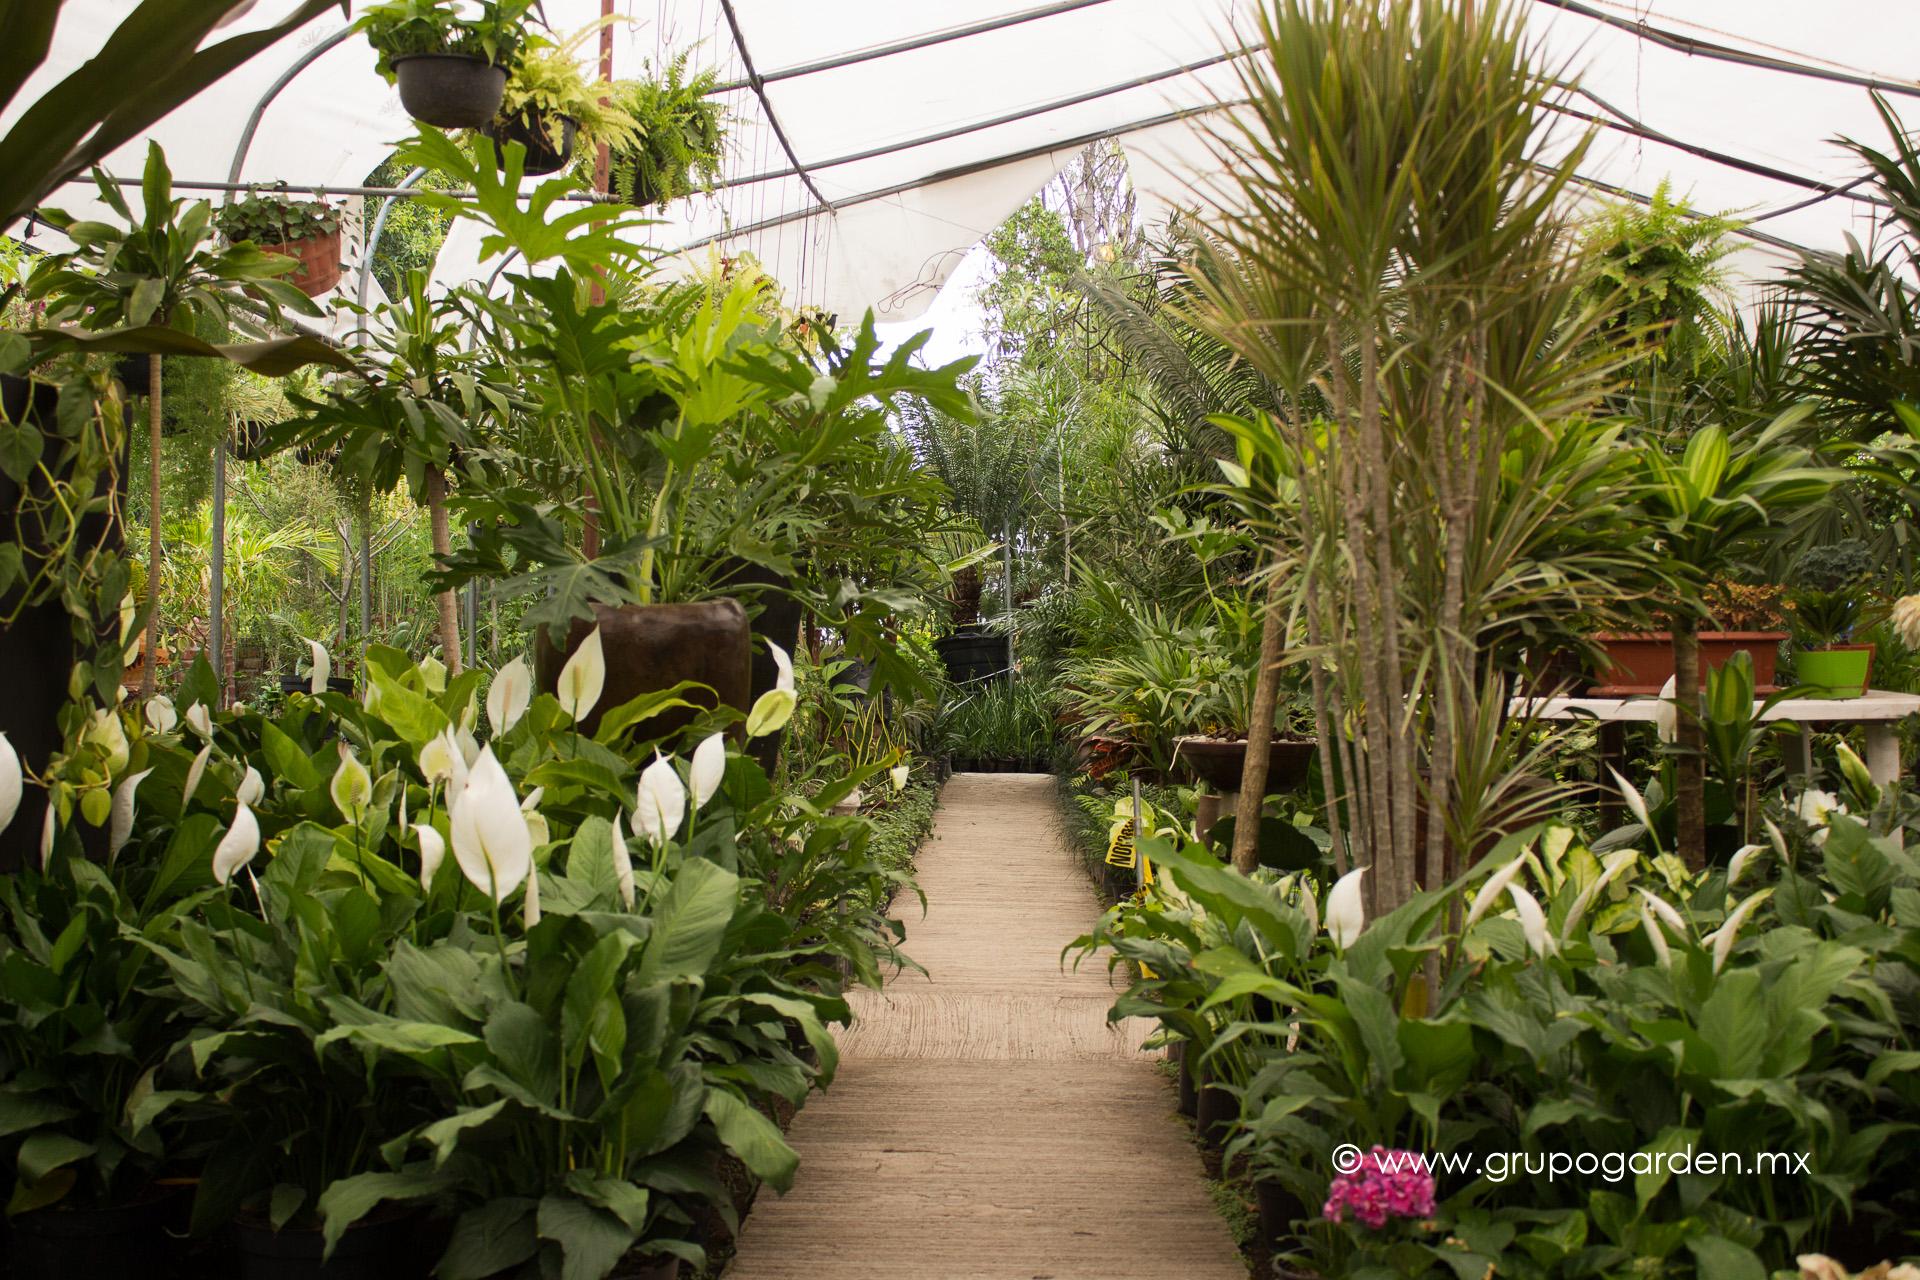 124 variedad de plantas de ornato praderasdeagua otras for Viveros de plantas de ornato